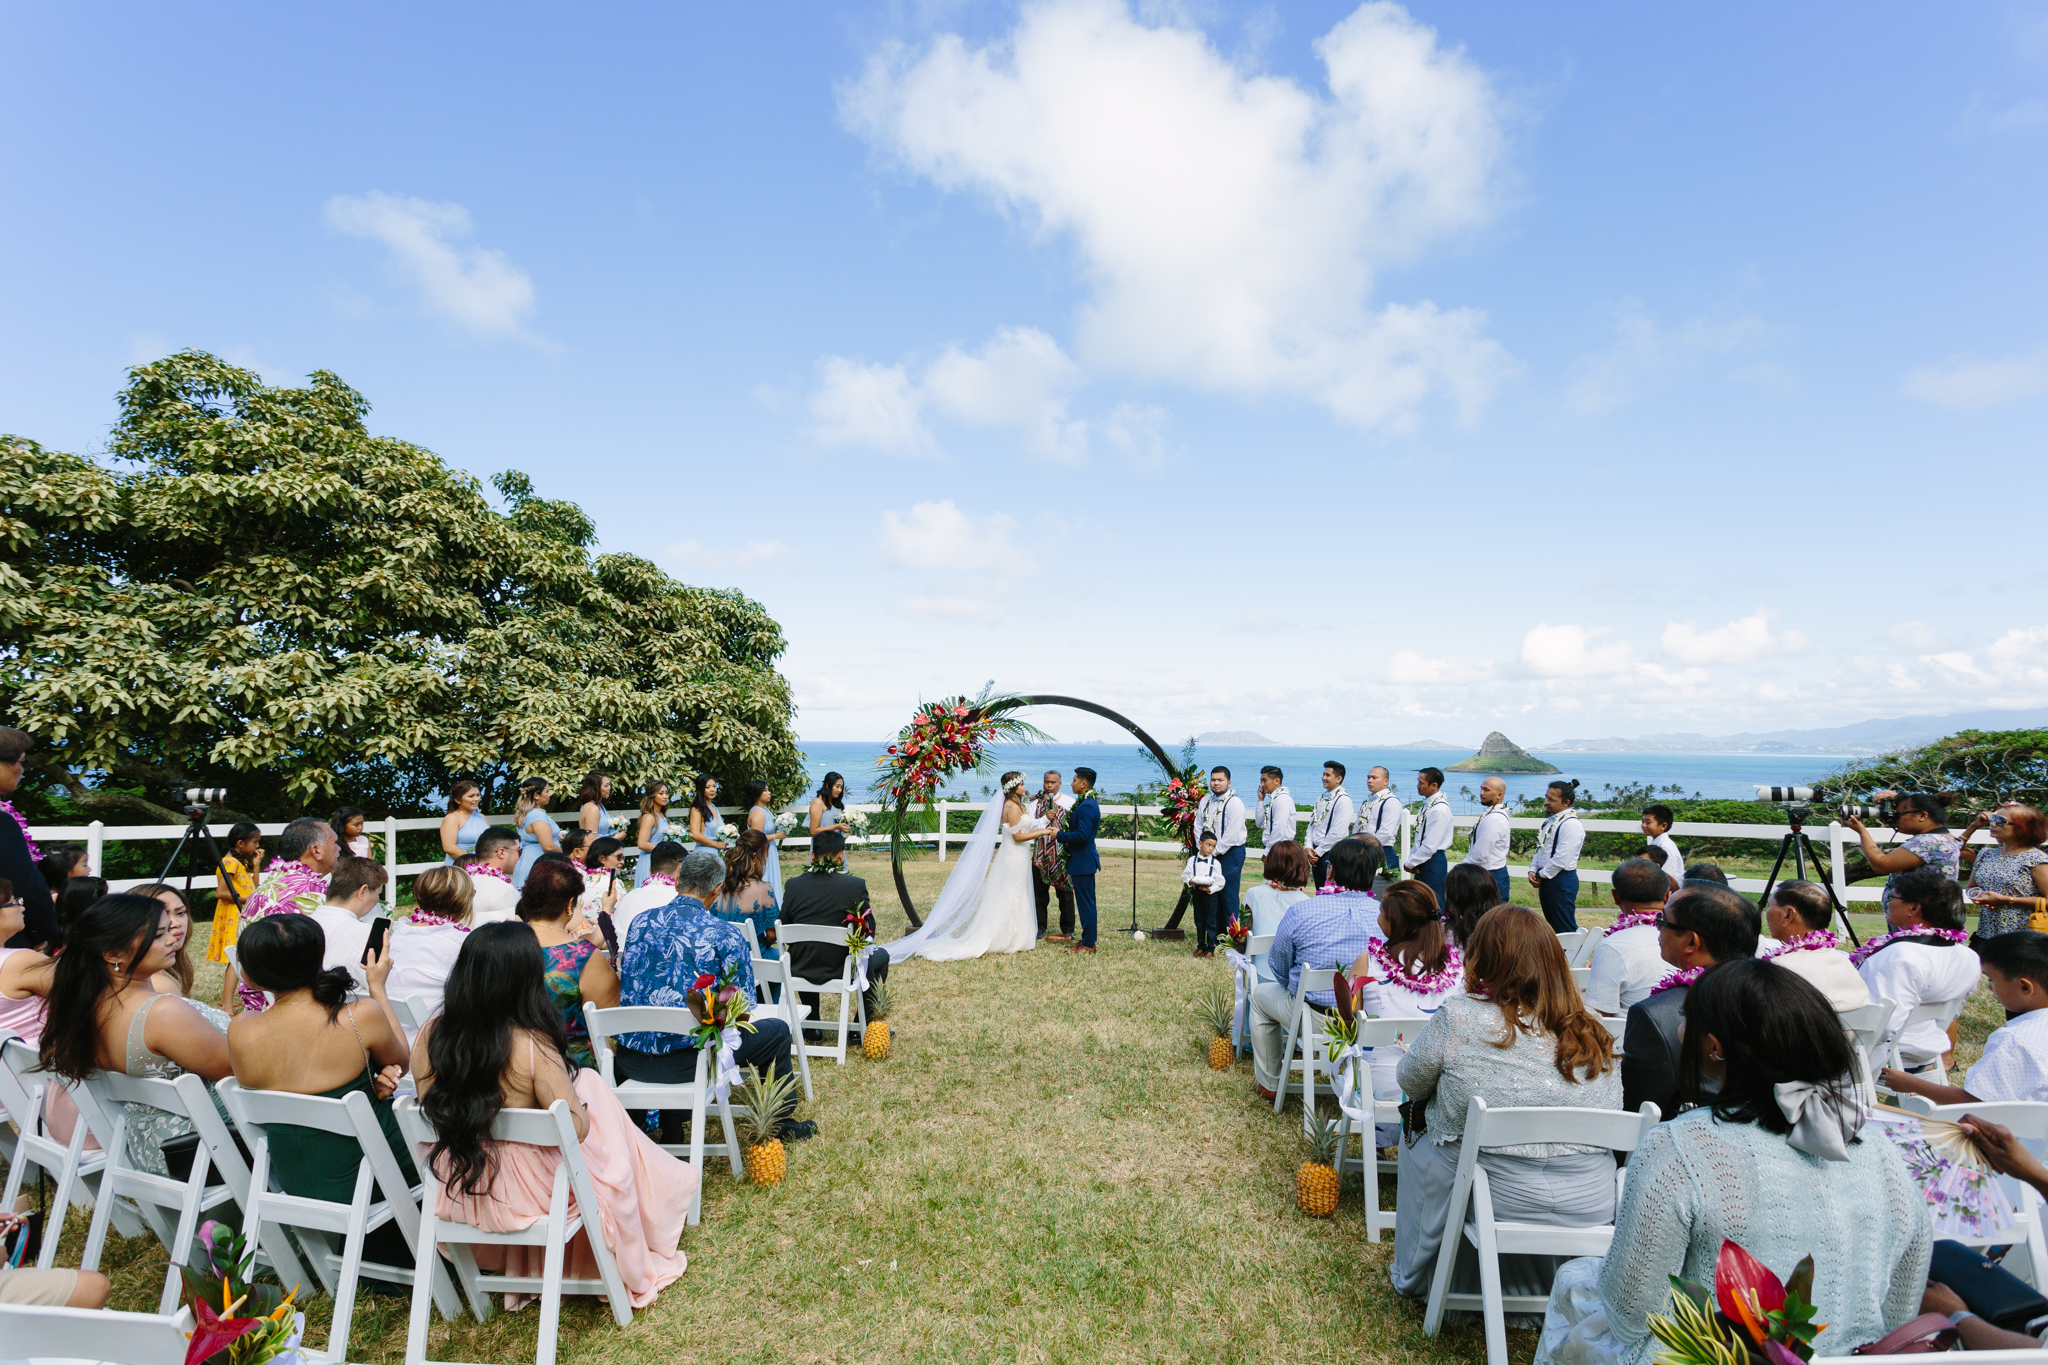 kualoa_ranch_wedding_photography_tone_hawaii-57.jpg